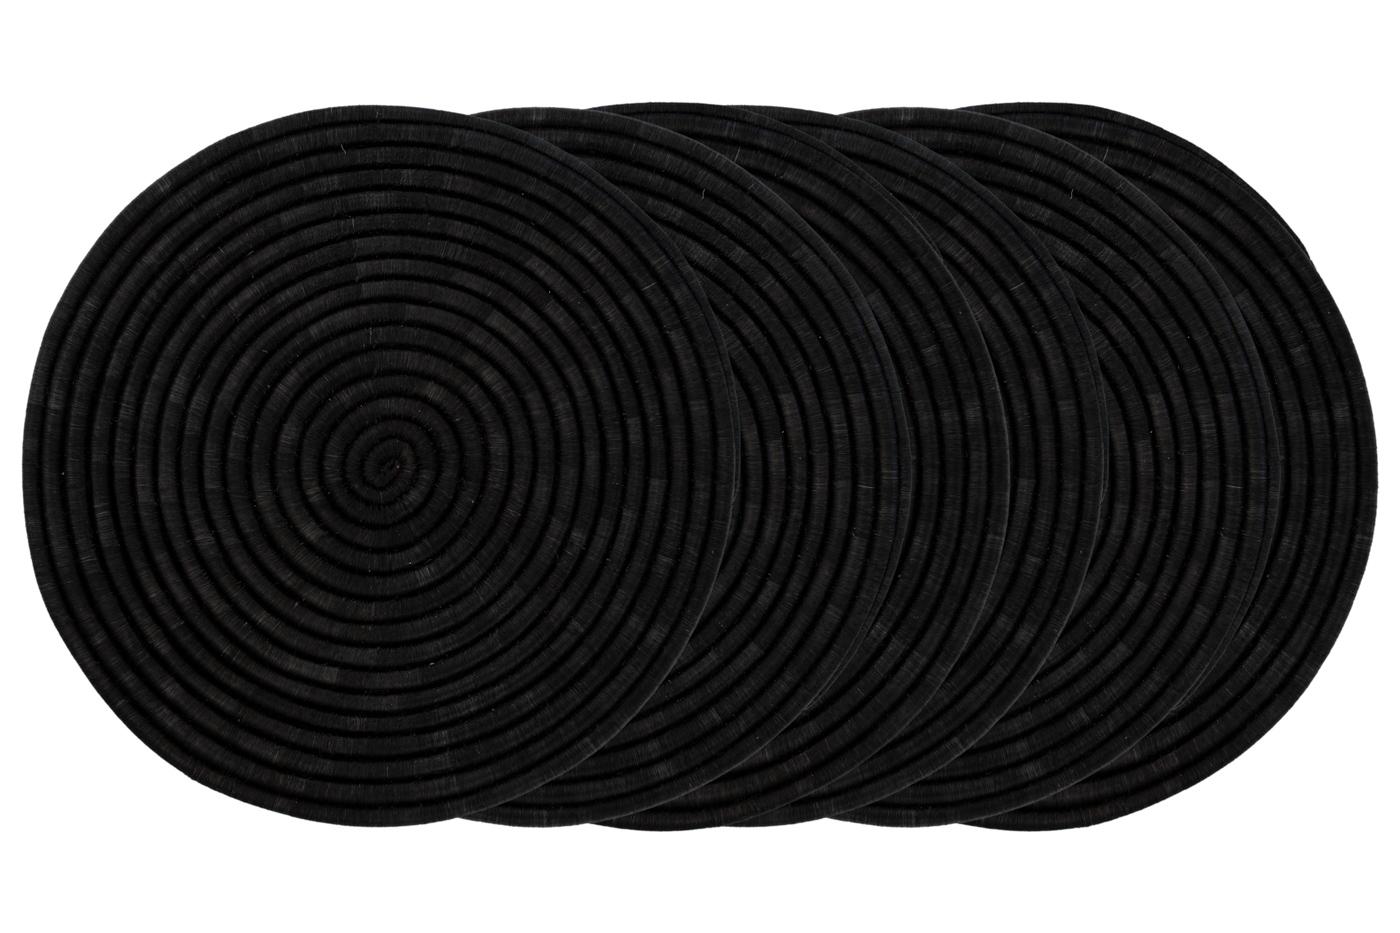 Placemat set X6 in fique-black